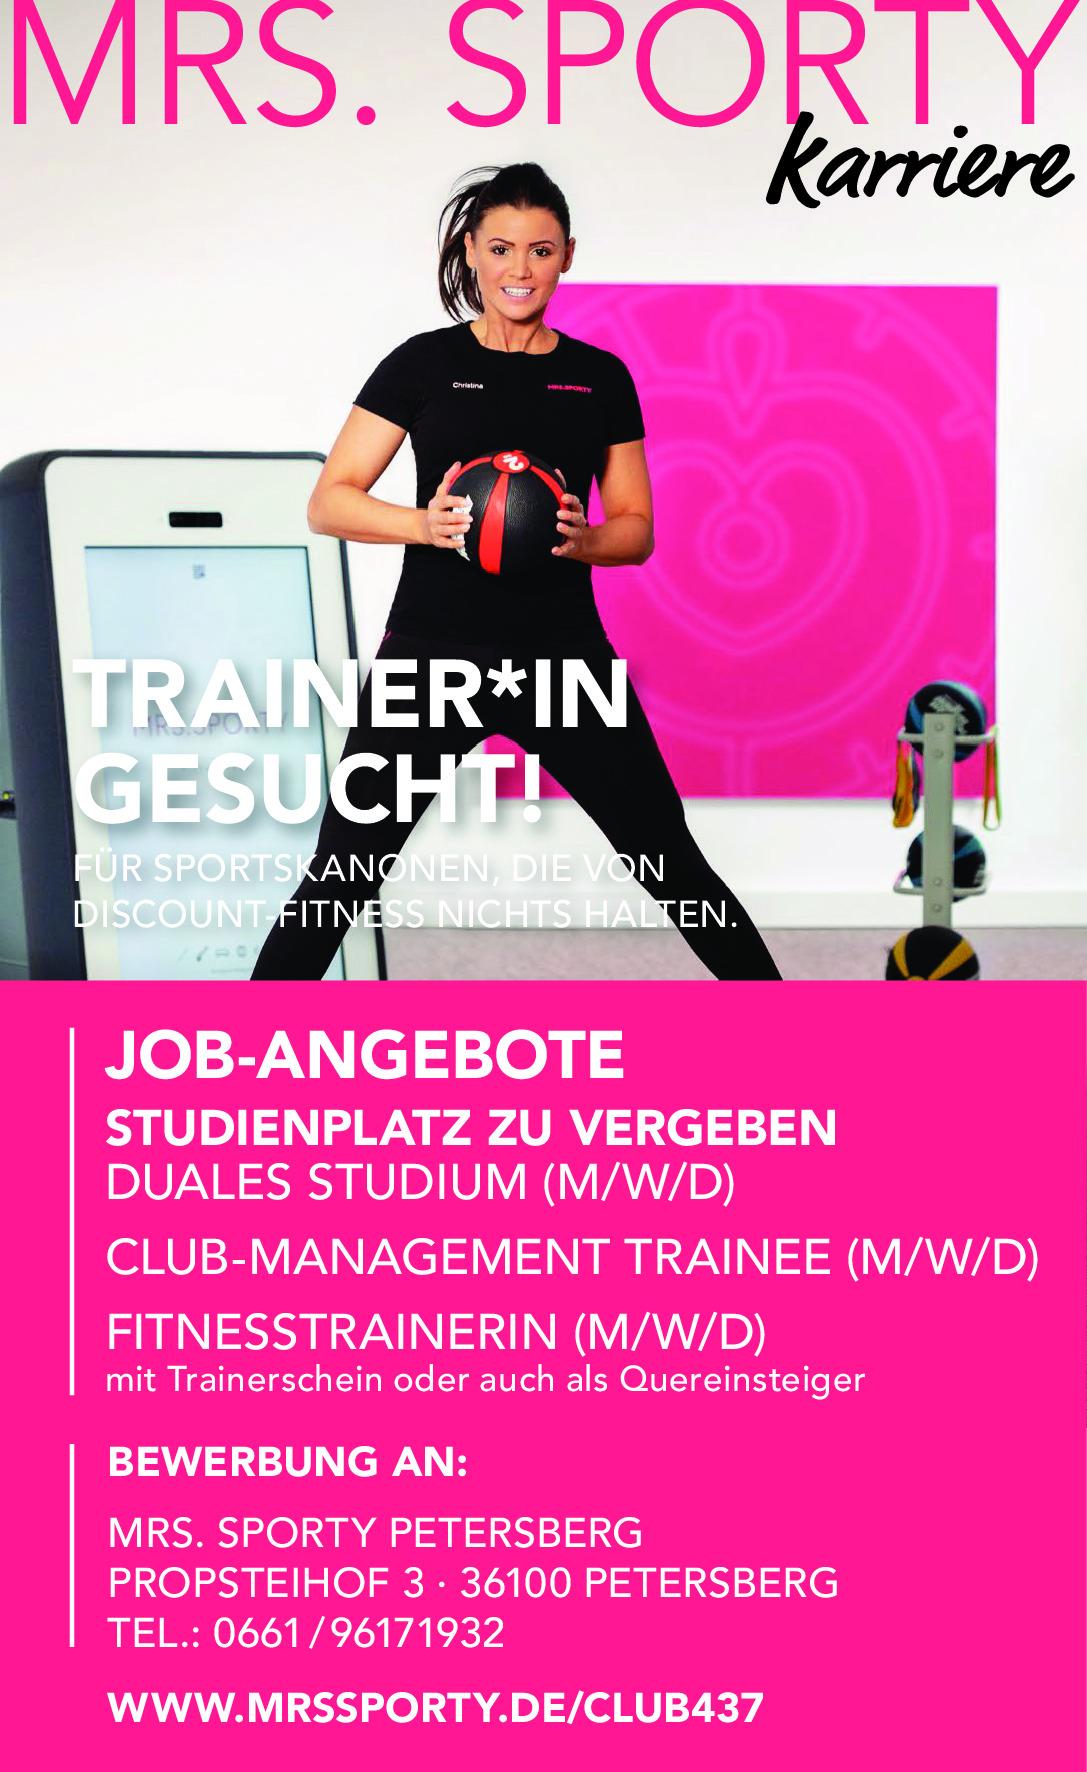 Trainer/in (m/w/d) u. Mitarbeiter/in (m/w/d) gesucht